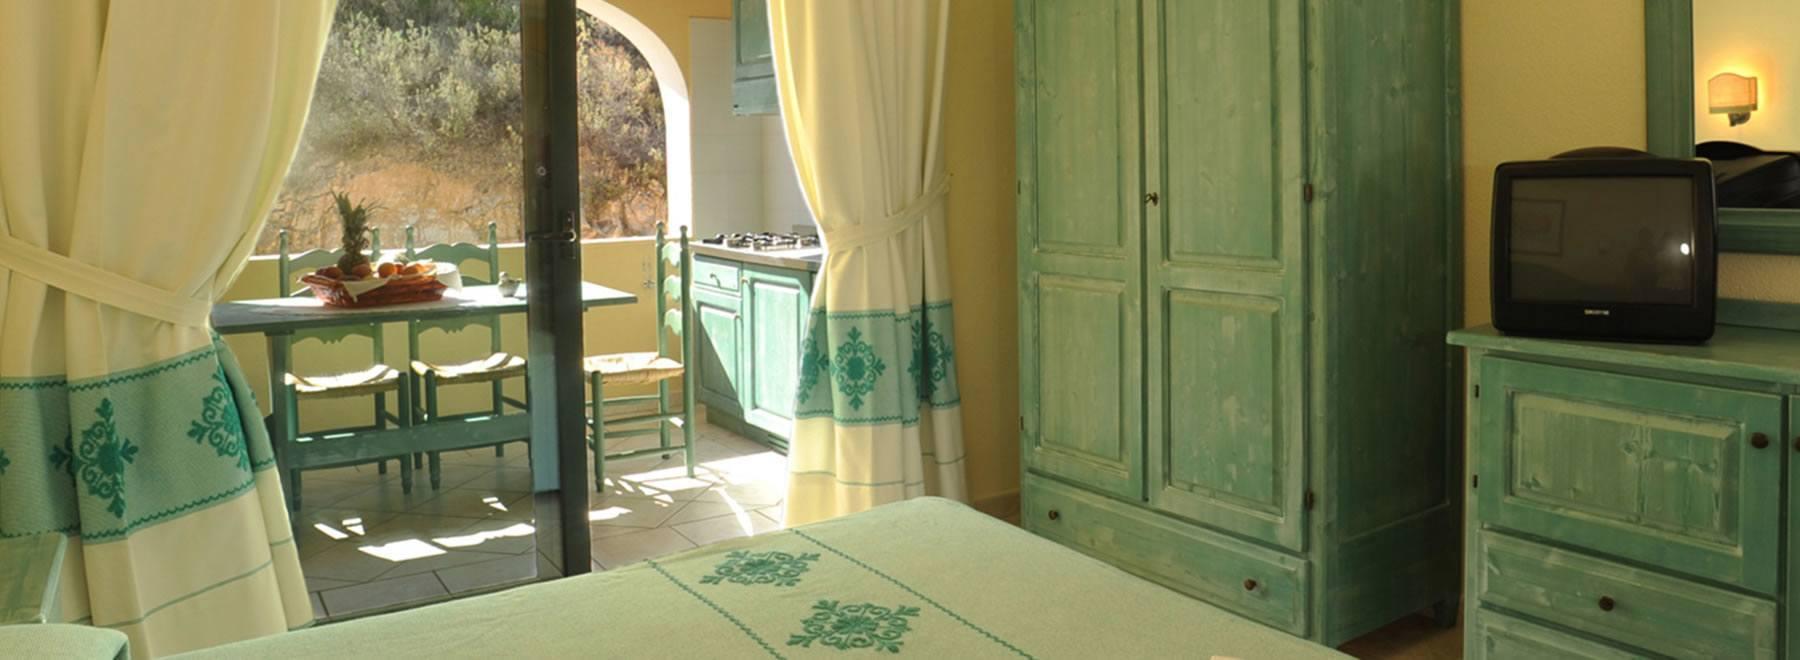 Bilocale 5 Persone Il Borgo Il Borgo  Sardegna